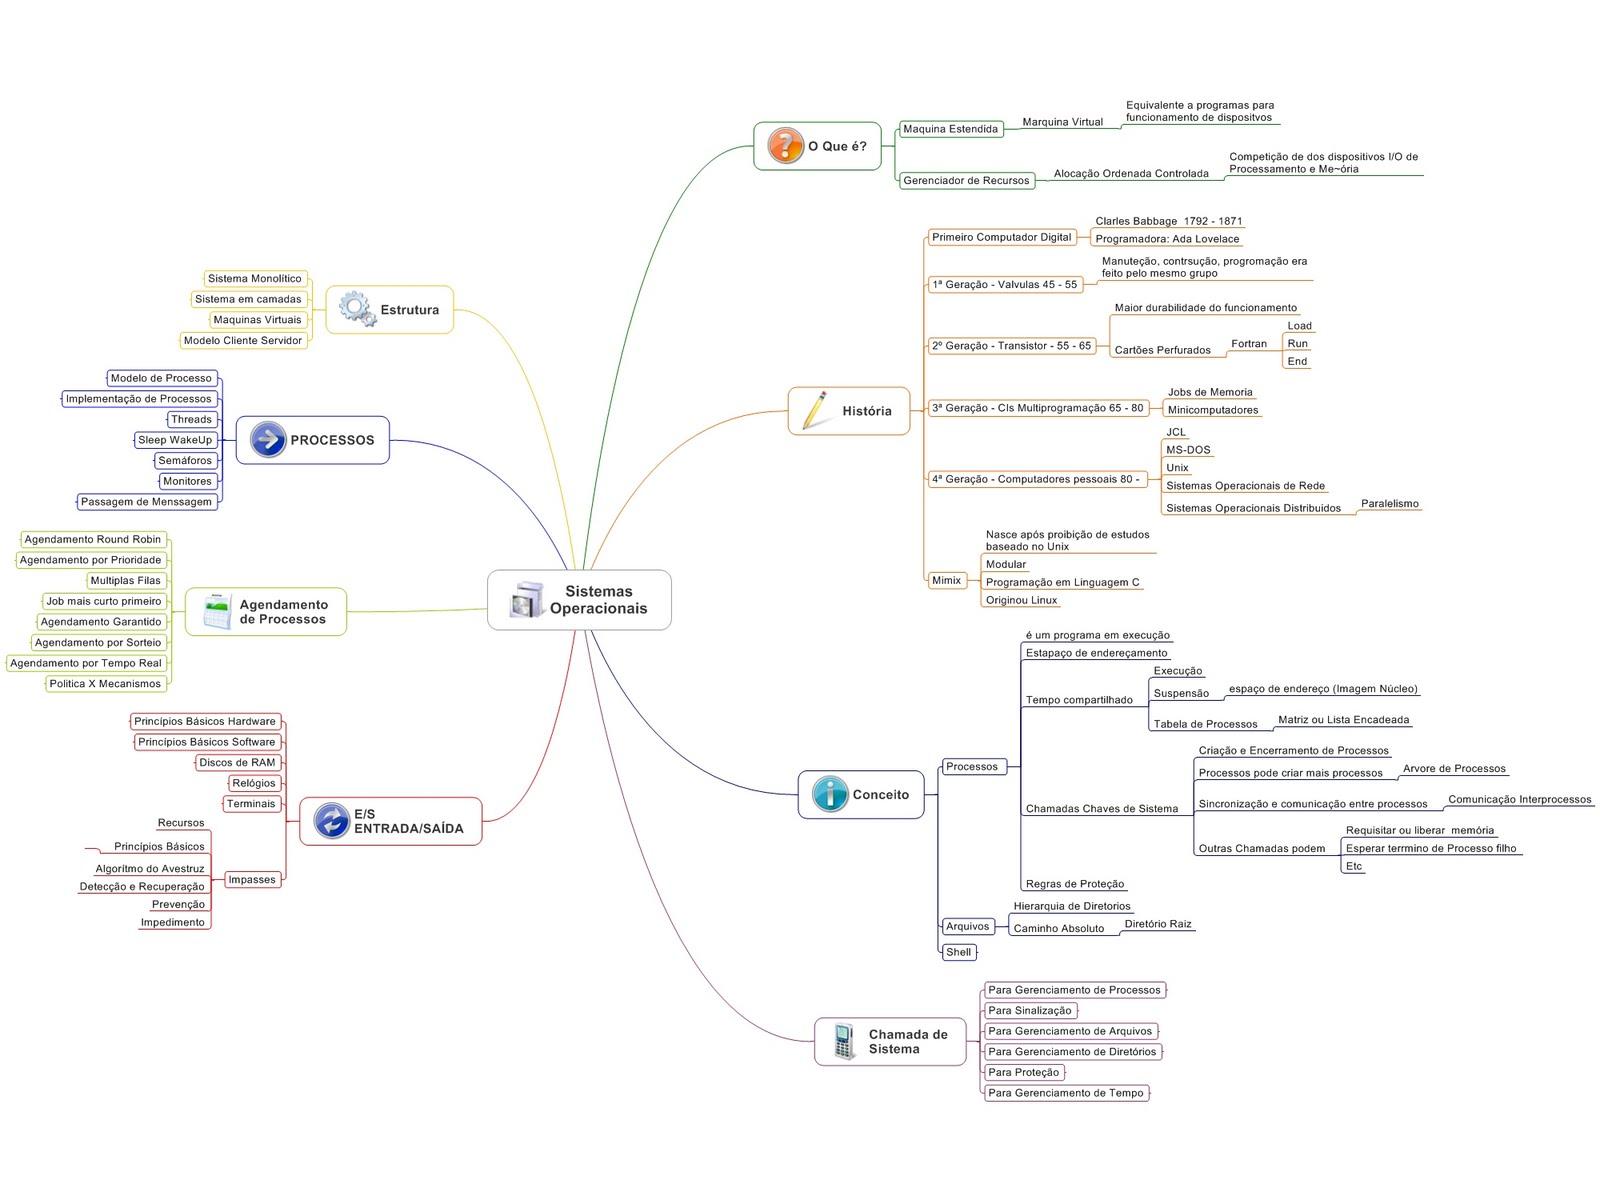 Mapa Mental de Sistemas Operacionais - Visão Geral